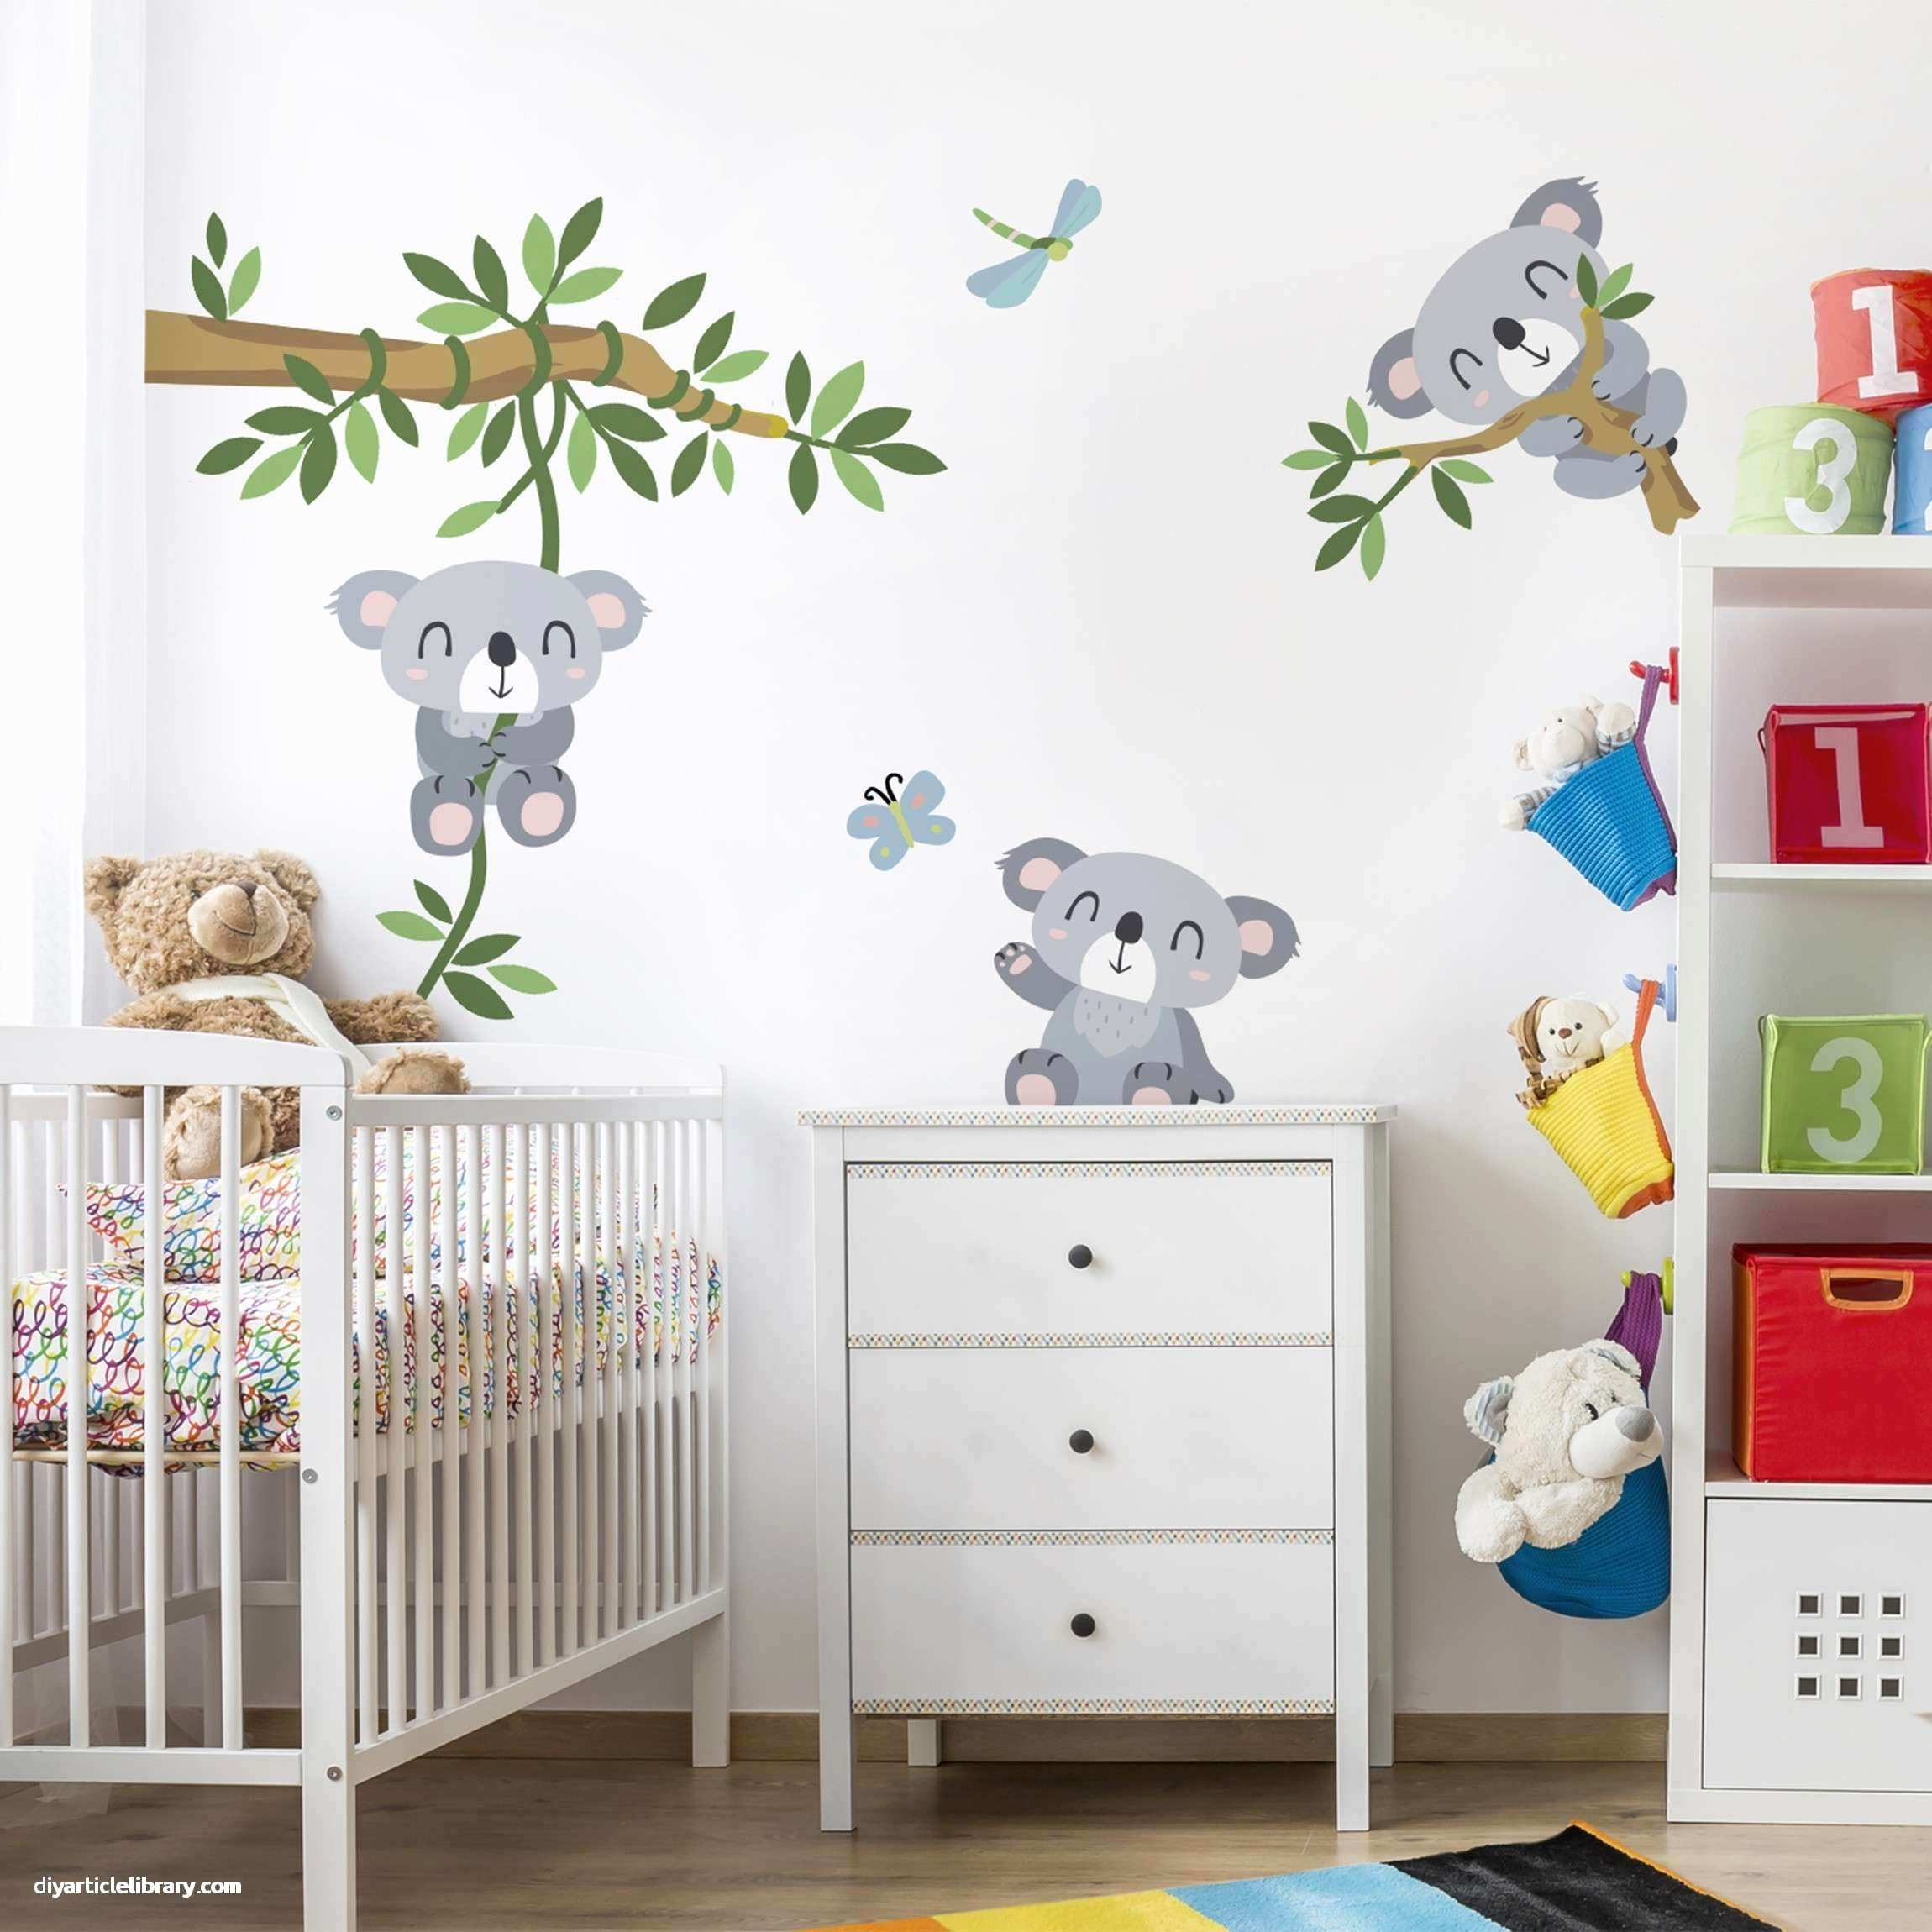 Full Size of Wandsticker Kinderzimmer Junge Wandtattoo Elegant 29 Frisch Regal Weiß Küche Sofa Regale Kinderzimmer Wandsticker Kinderzimmer Junge